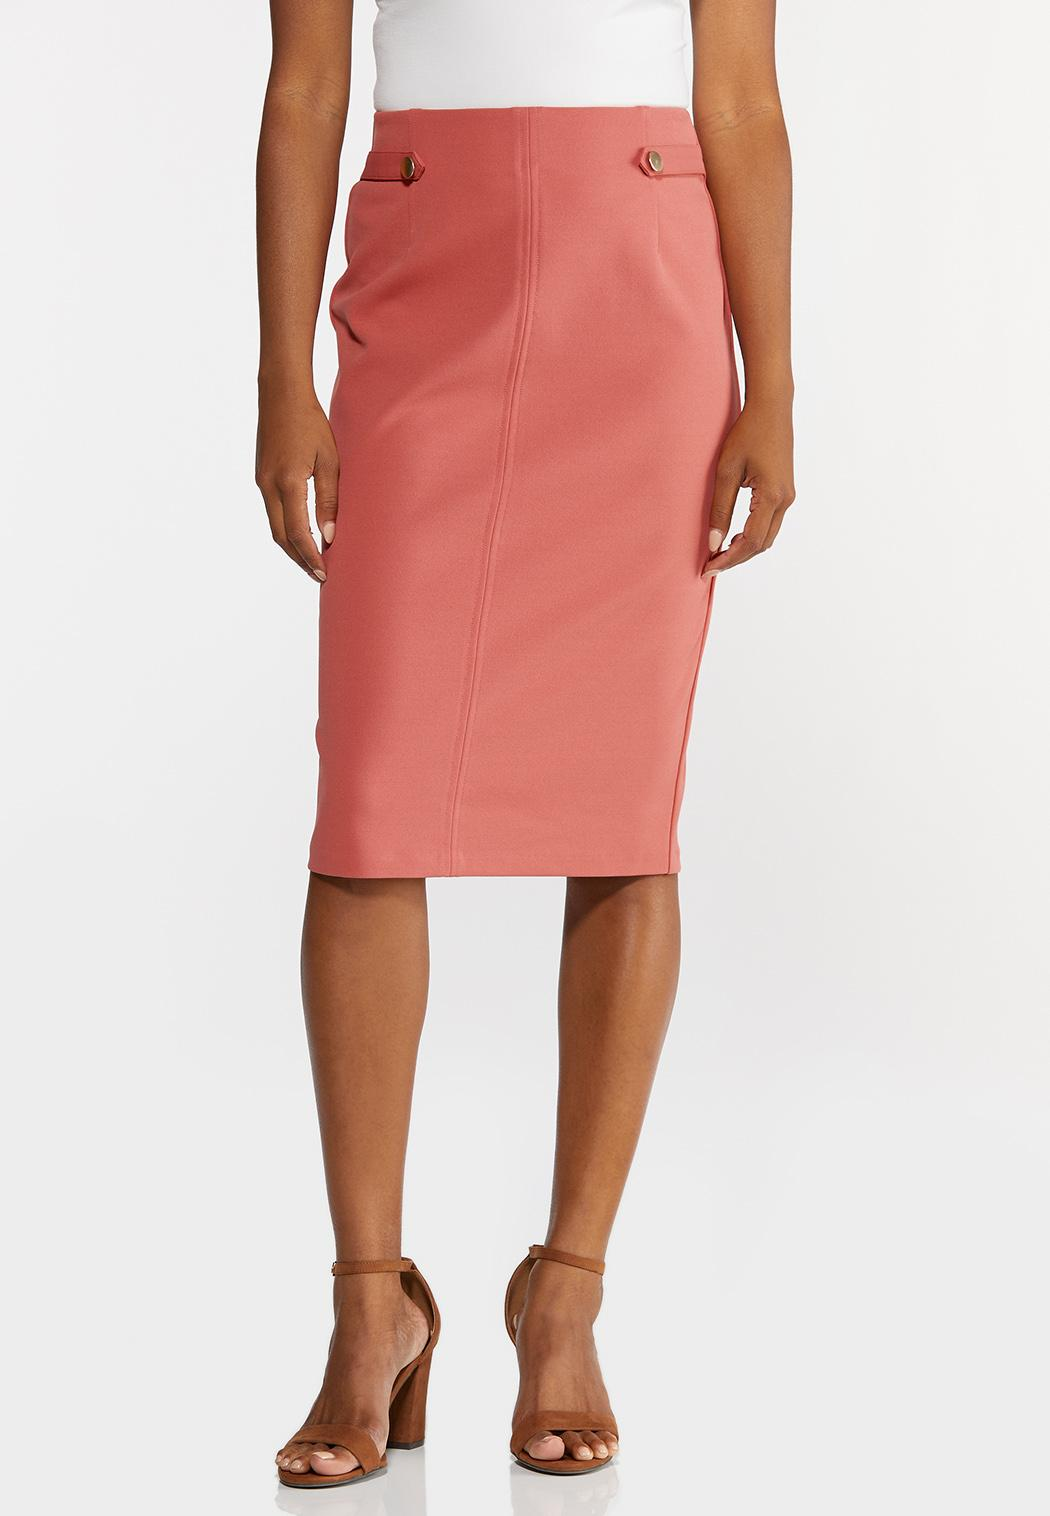 Button Tab Pencil Skirt